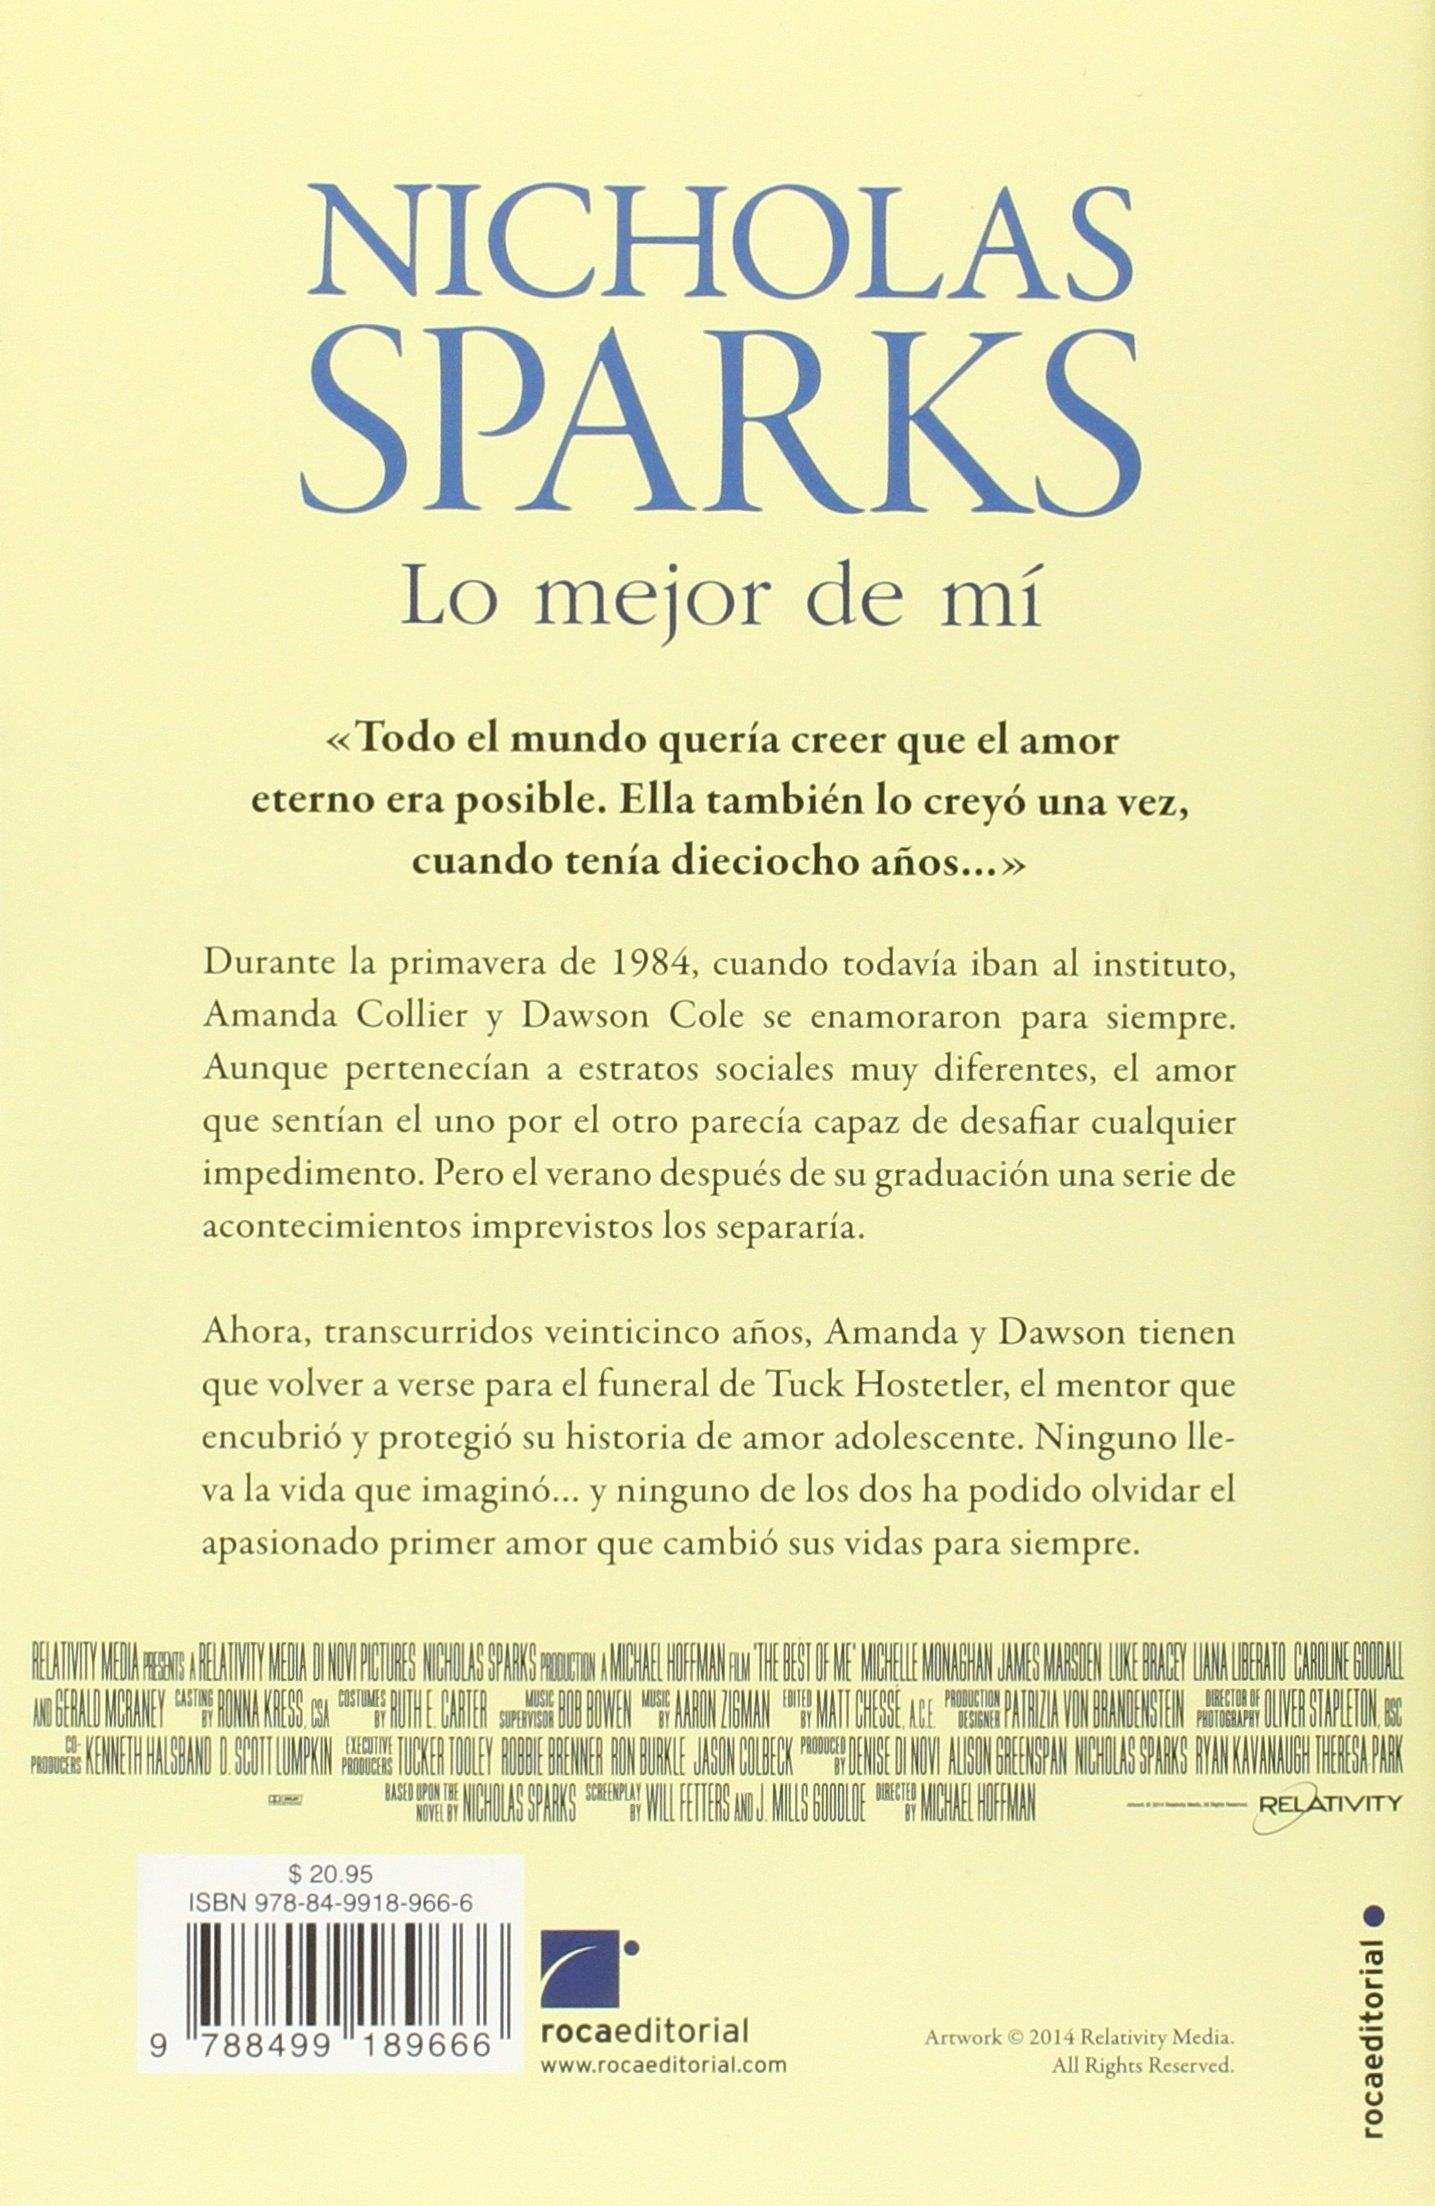 Lo mejor de mi spanish edition nicholas sparks 9788499189666 lo mejor de mi spanish edition nicholas sparks 9788499189666 amazon books fandeluxe Gallery